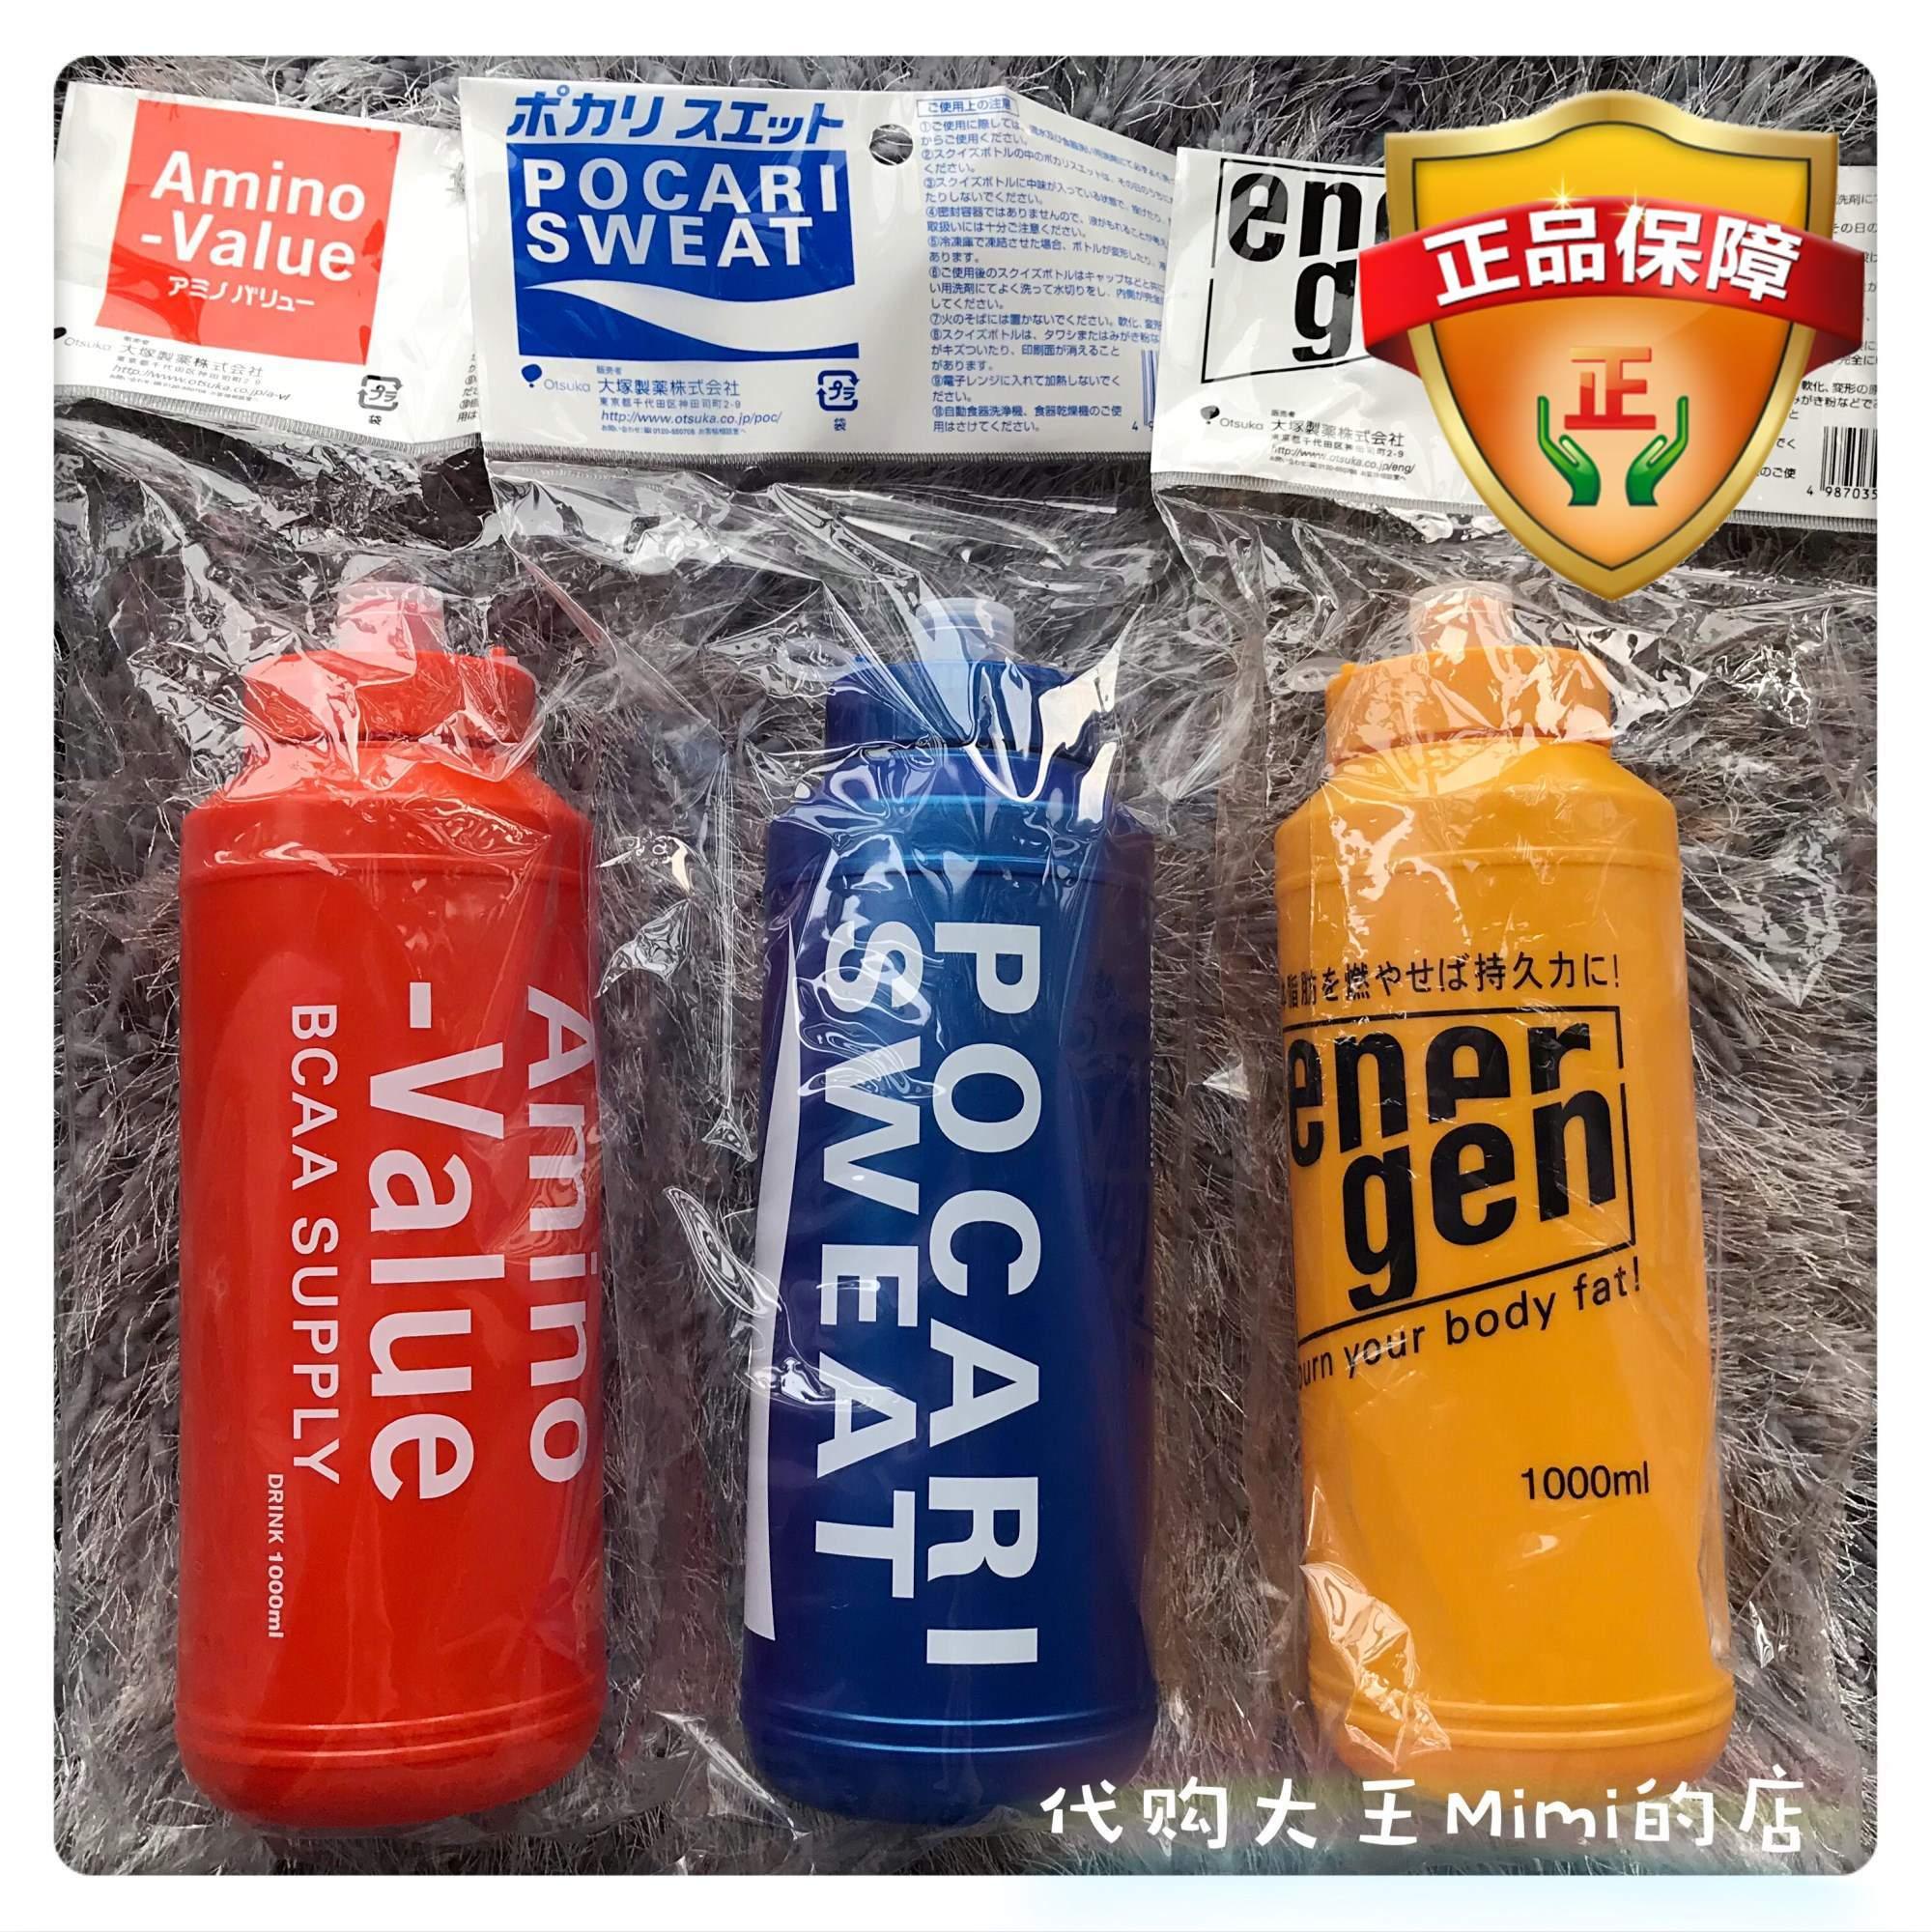 Đích thực tại chỗ Nhật Bản kho báu mỏ nước đặc biệt đào tạo bóng đá cưỡi bóp thể thao thể thao chai nước chai nước